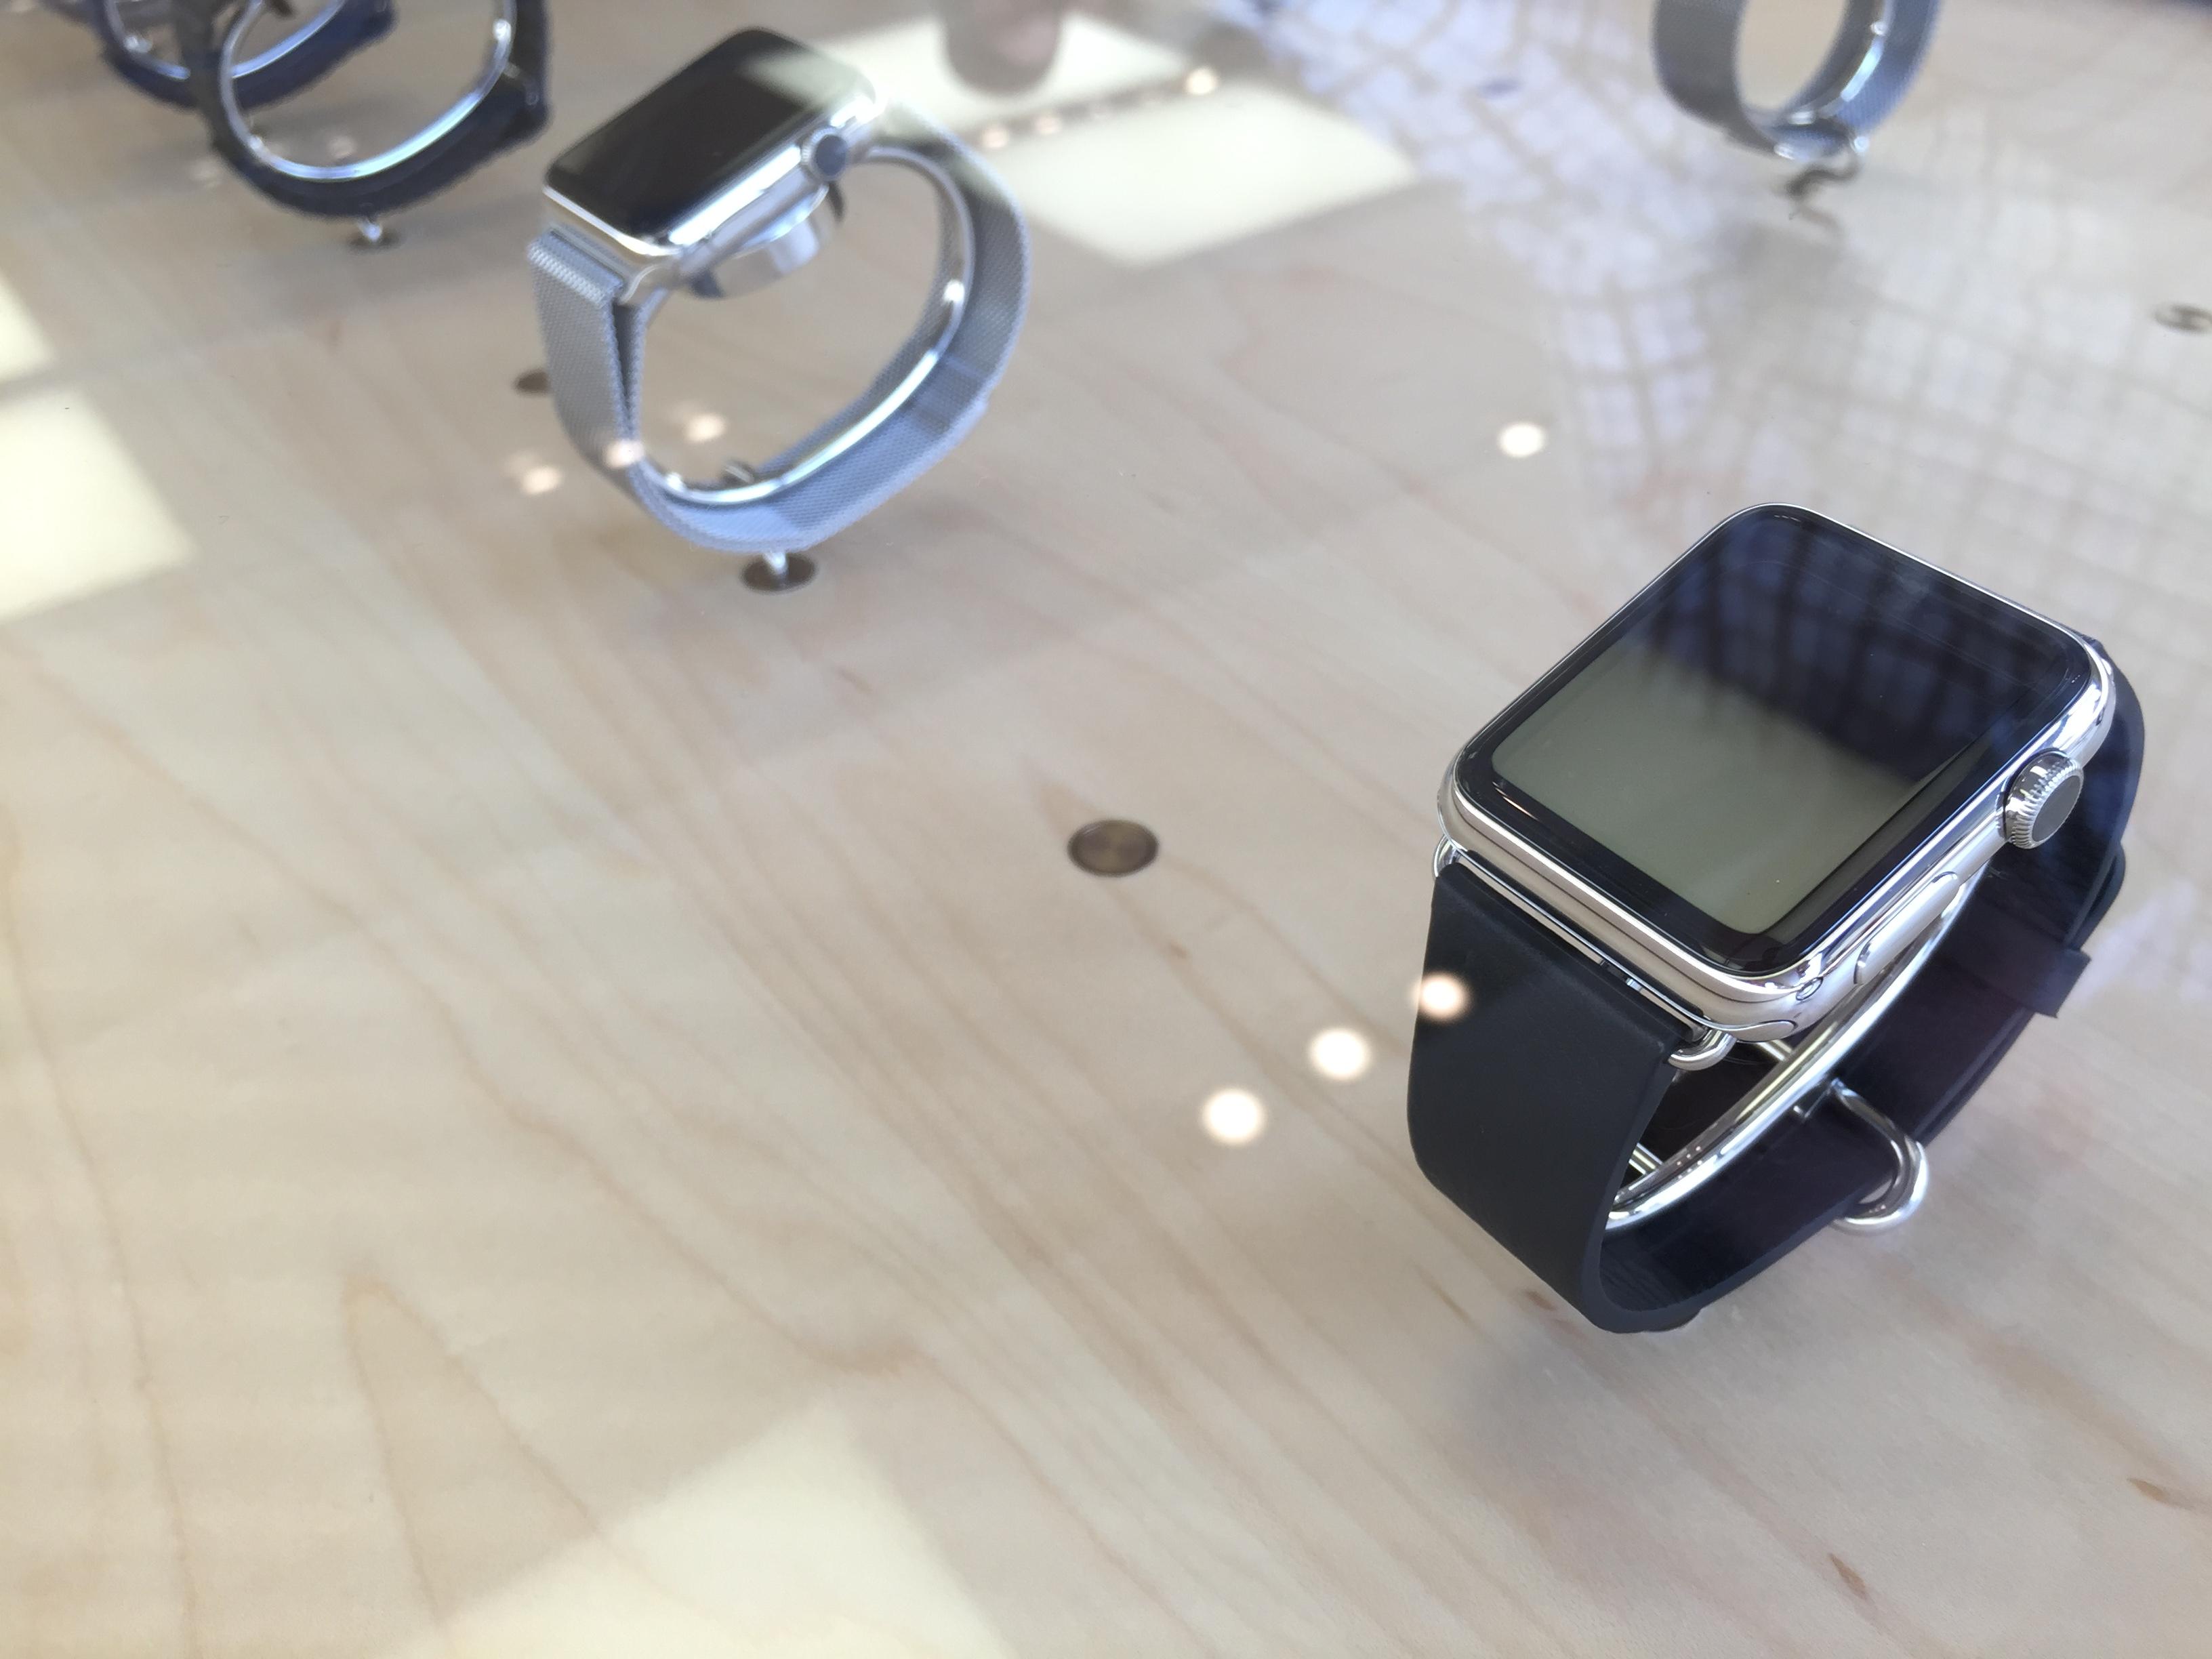 Apple Watch in case